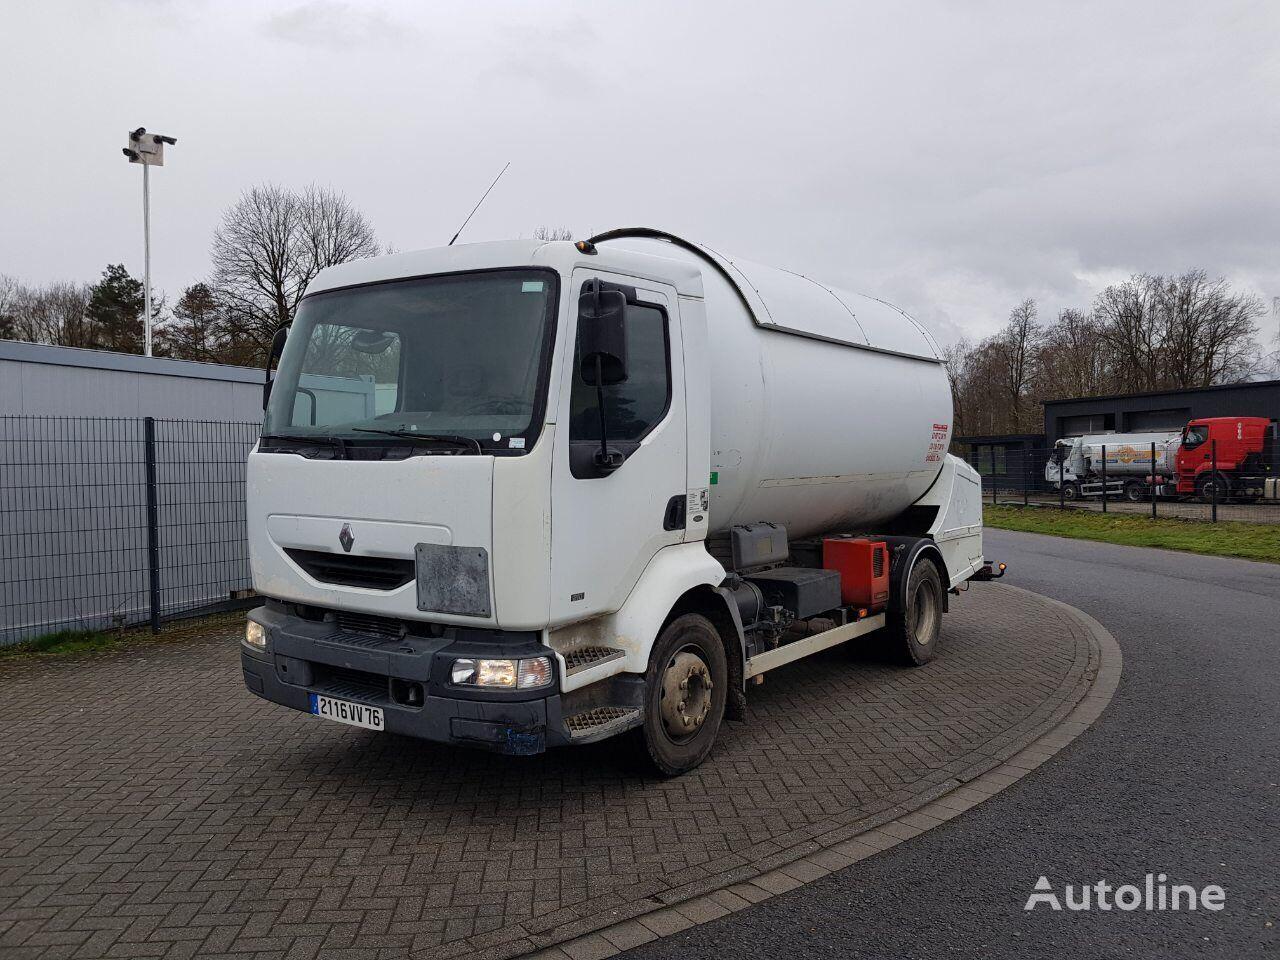 RENAULT Midlum 210 GPL 14435 LITRES gas truck